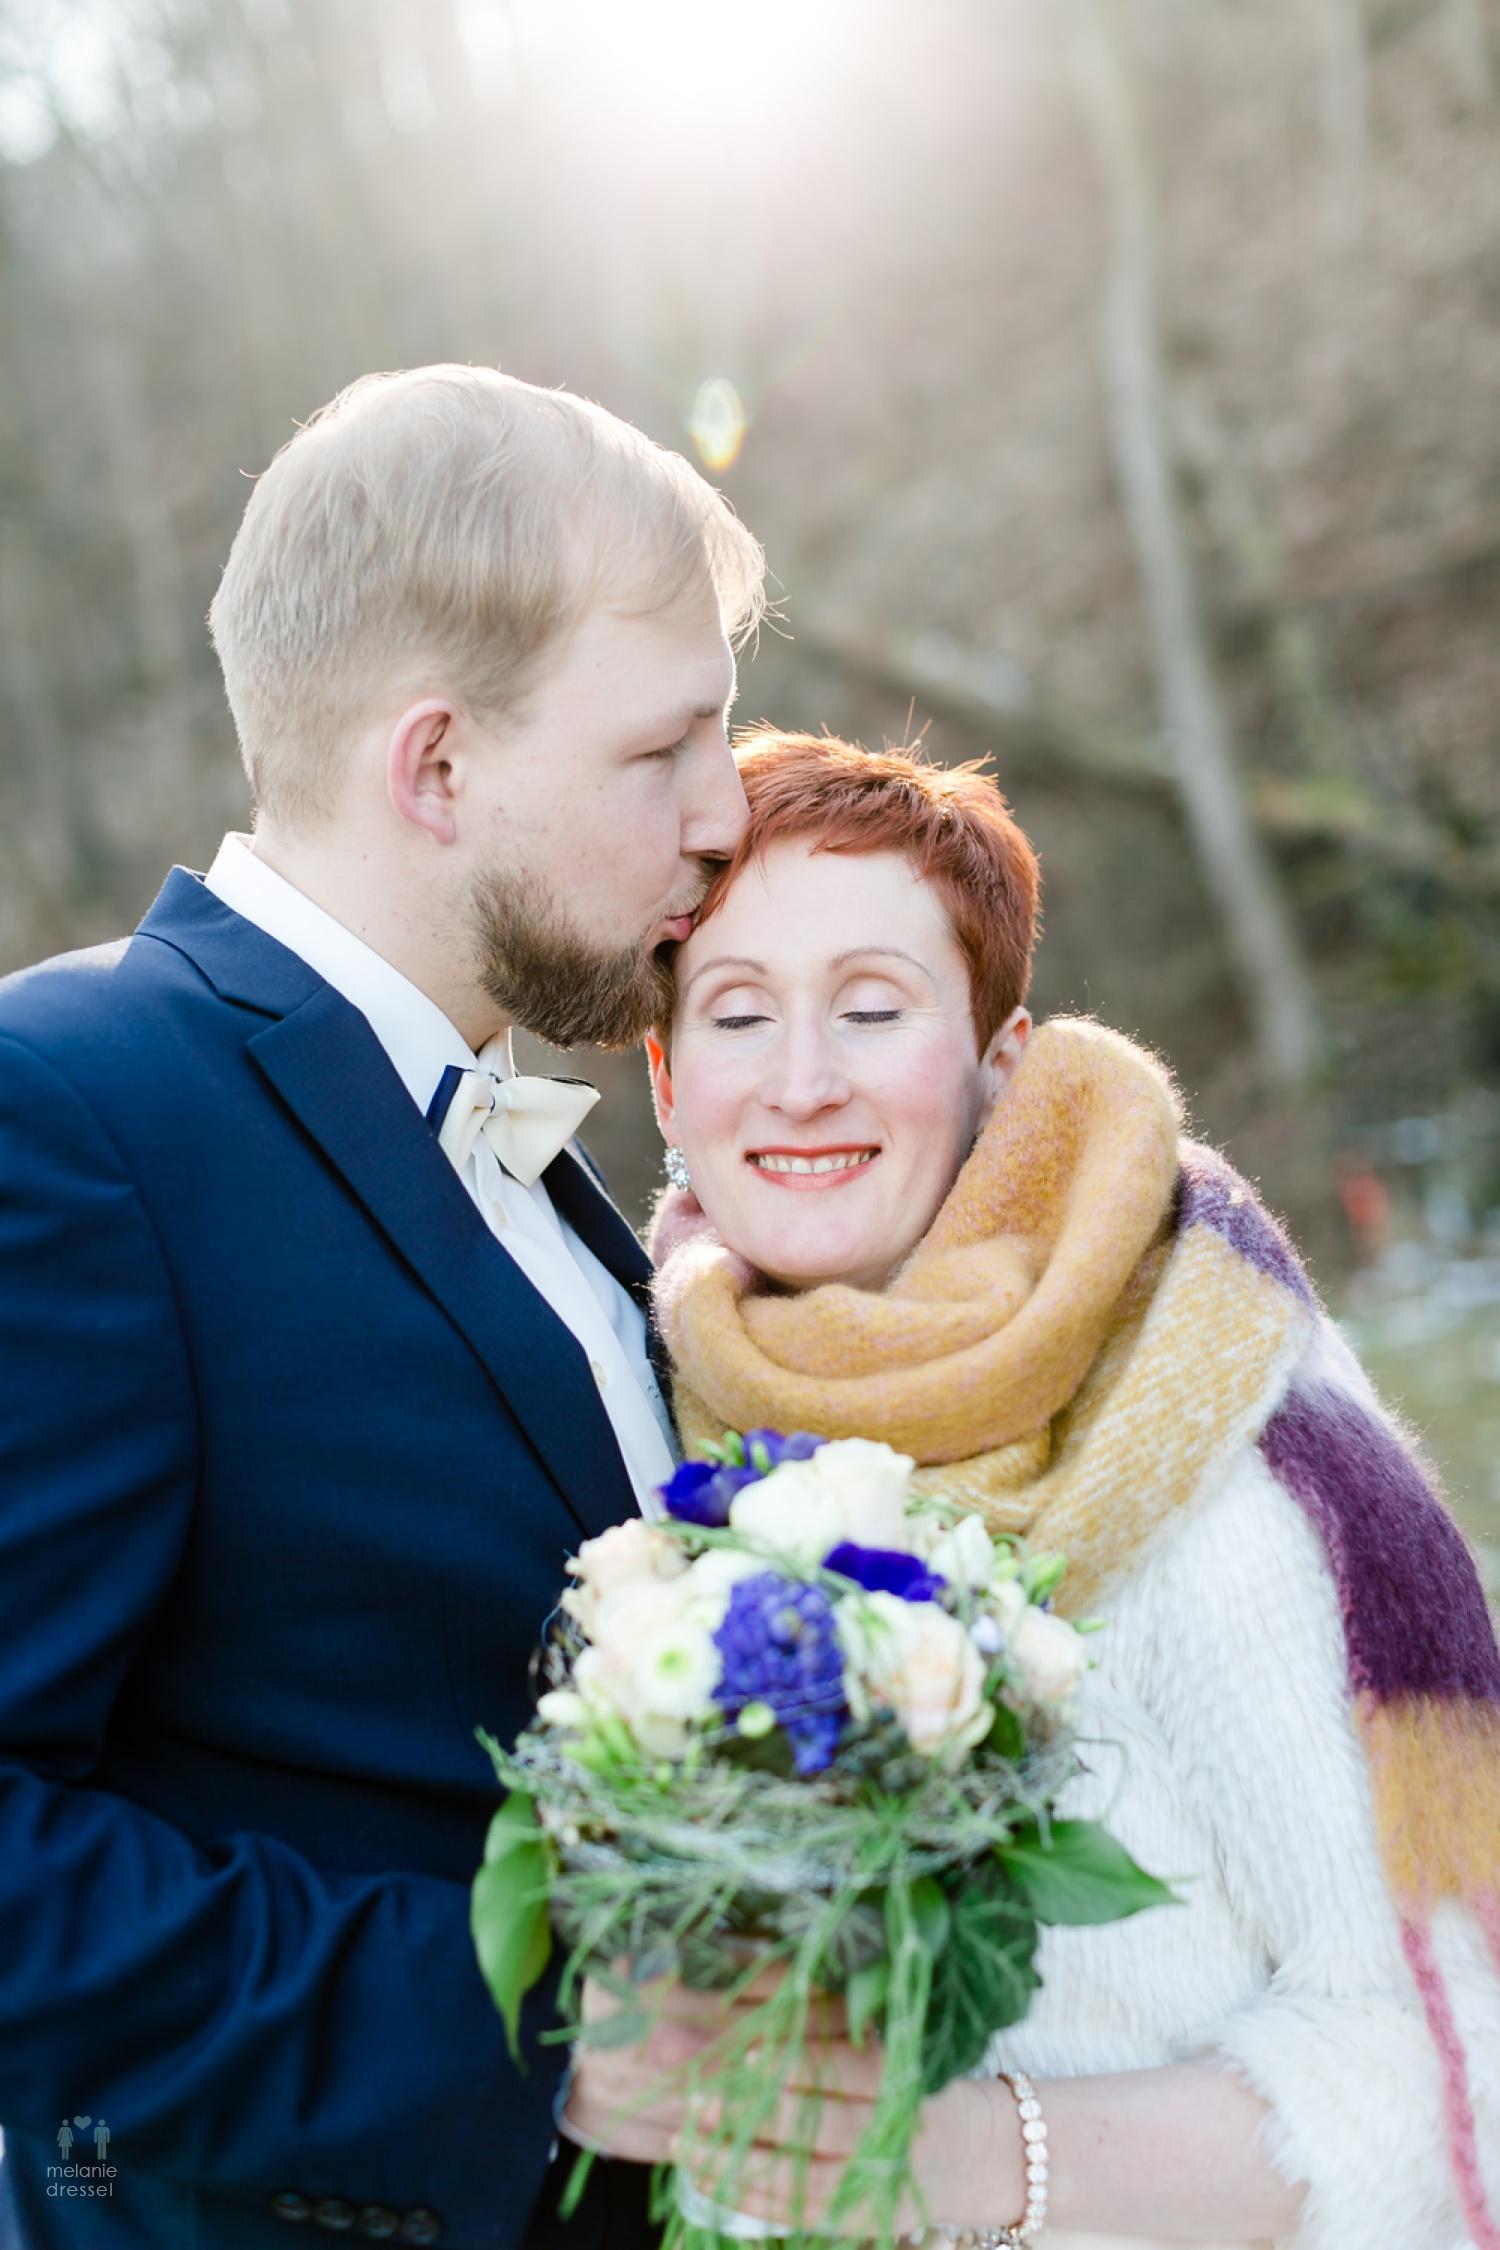 Karl küsst seine Braut Evelyn während Ihrer Hochzeit in Gera